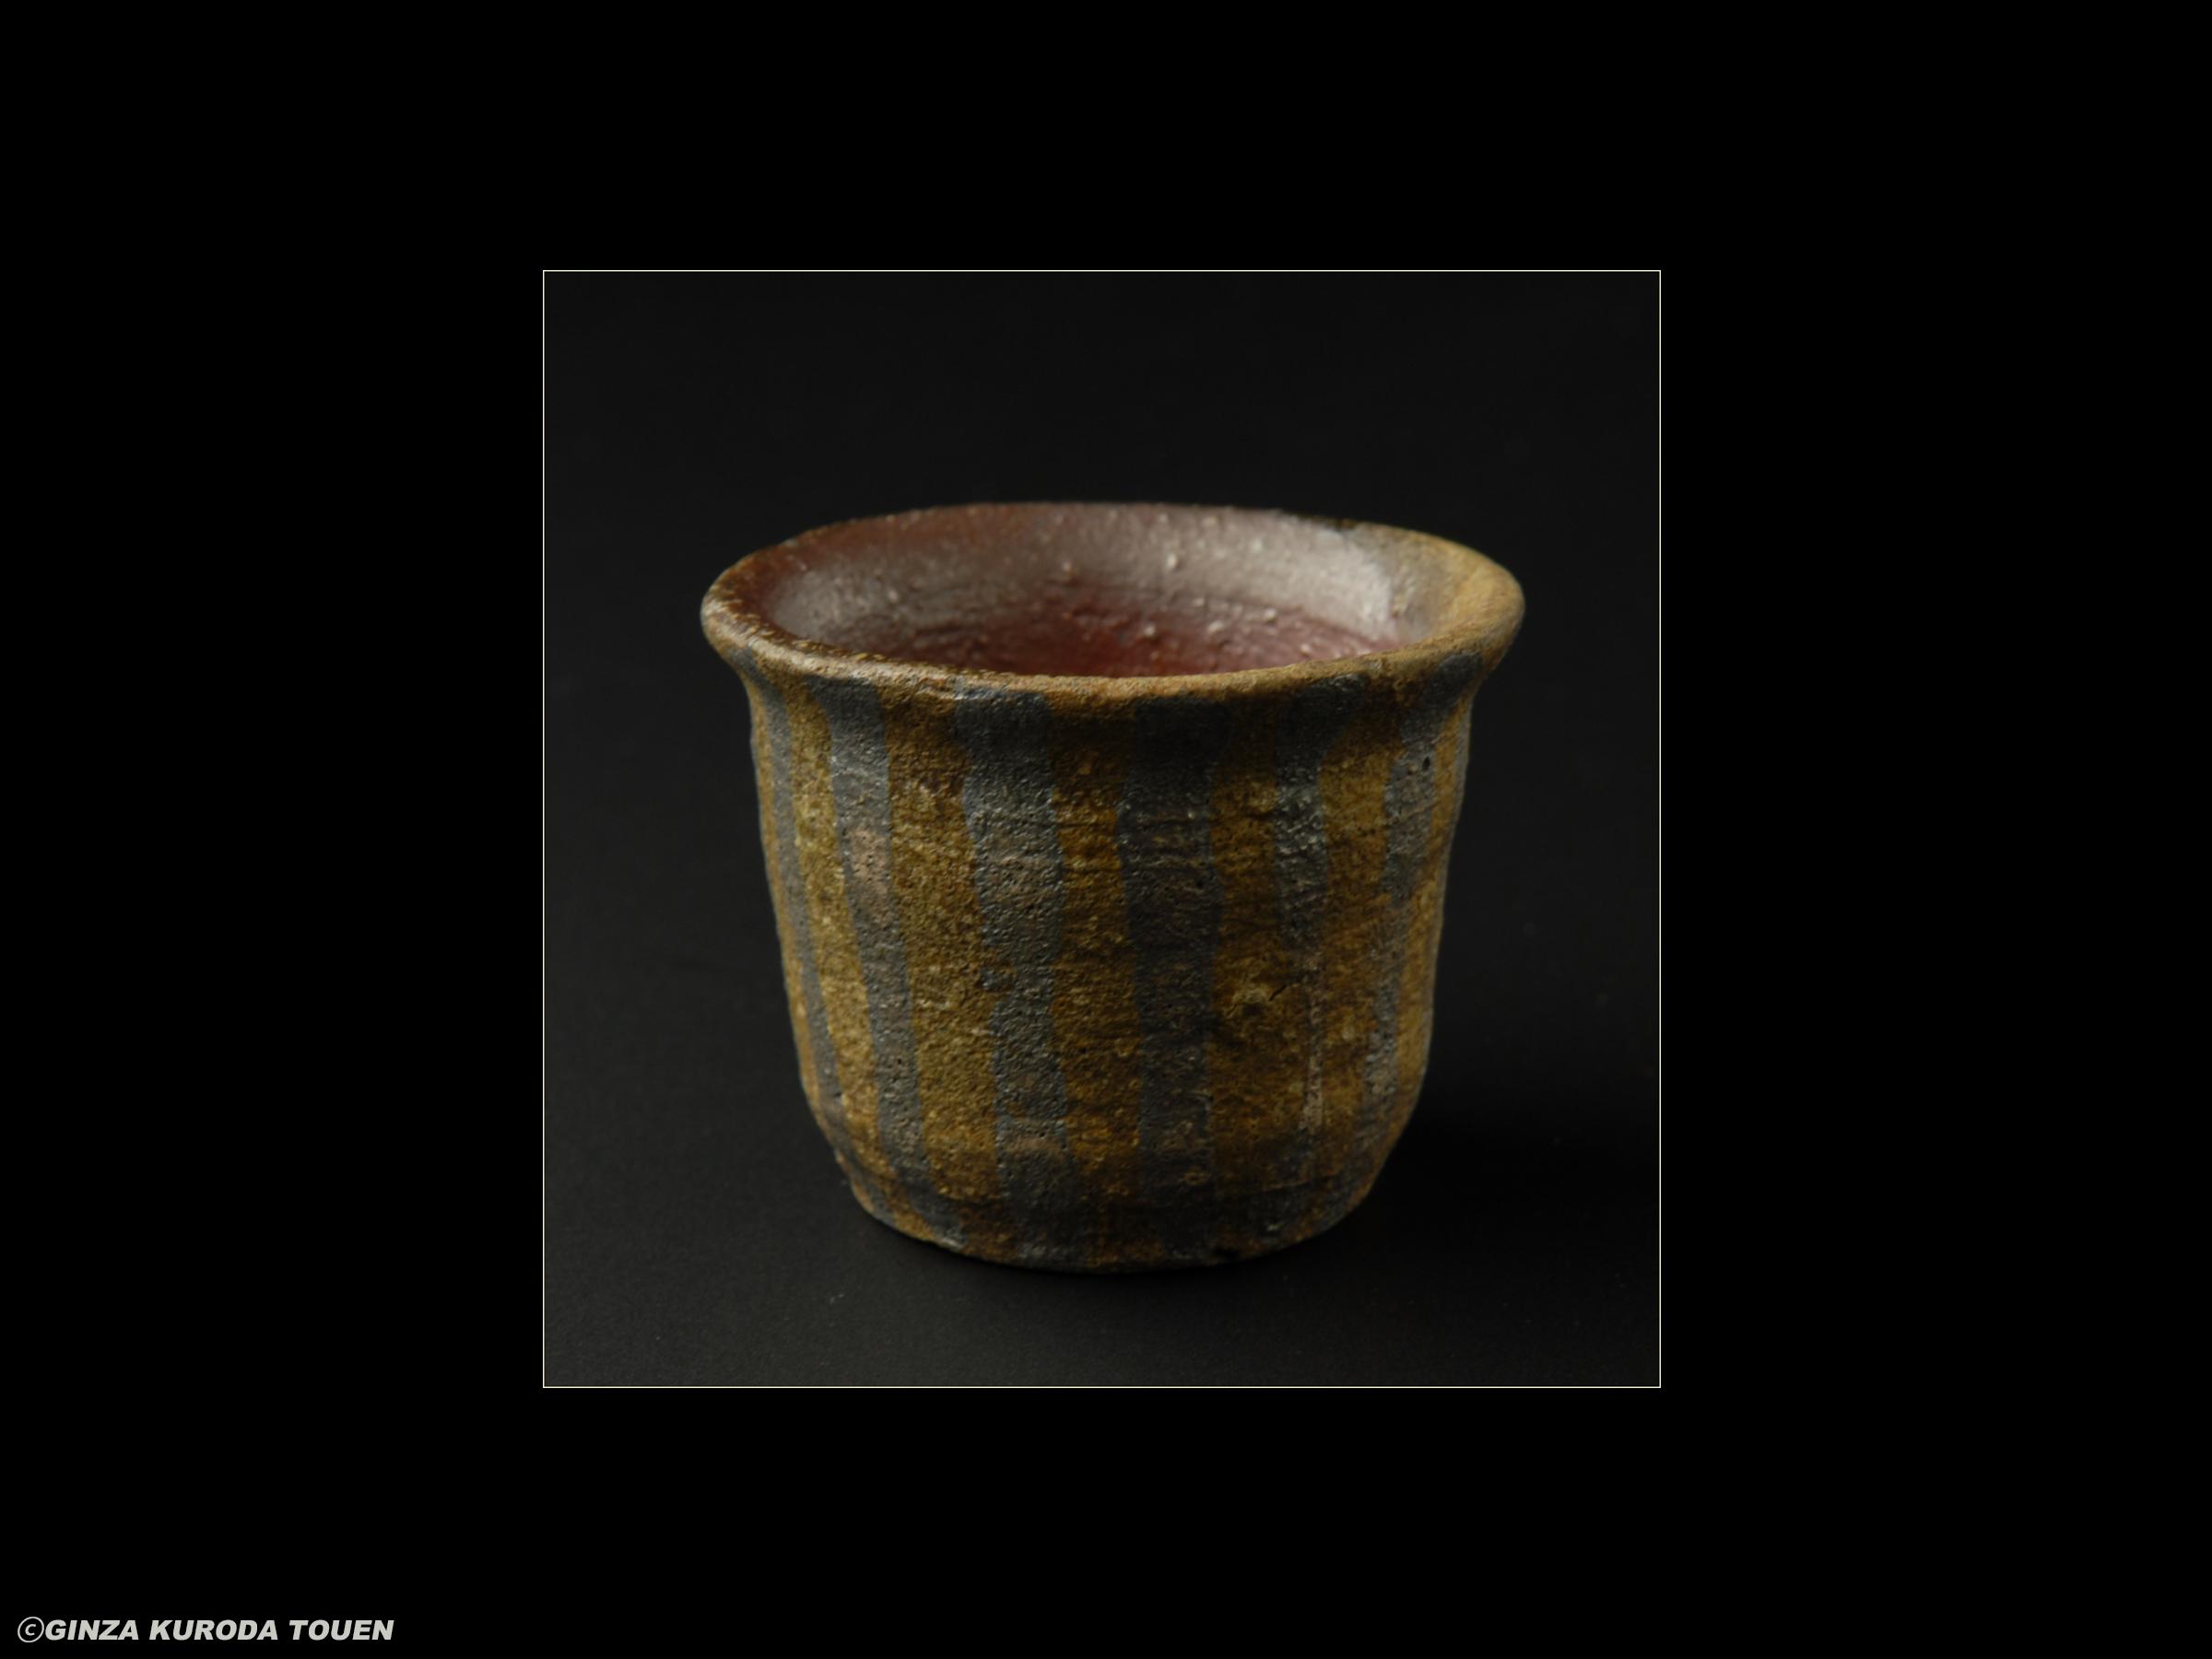 Rosanjin Kitaoji: Sake cup, Silver color on Bizen